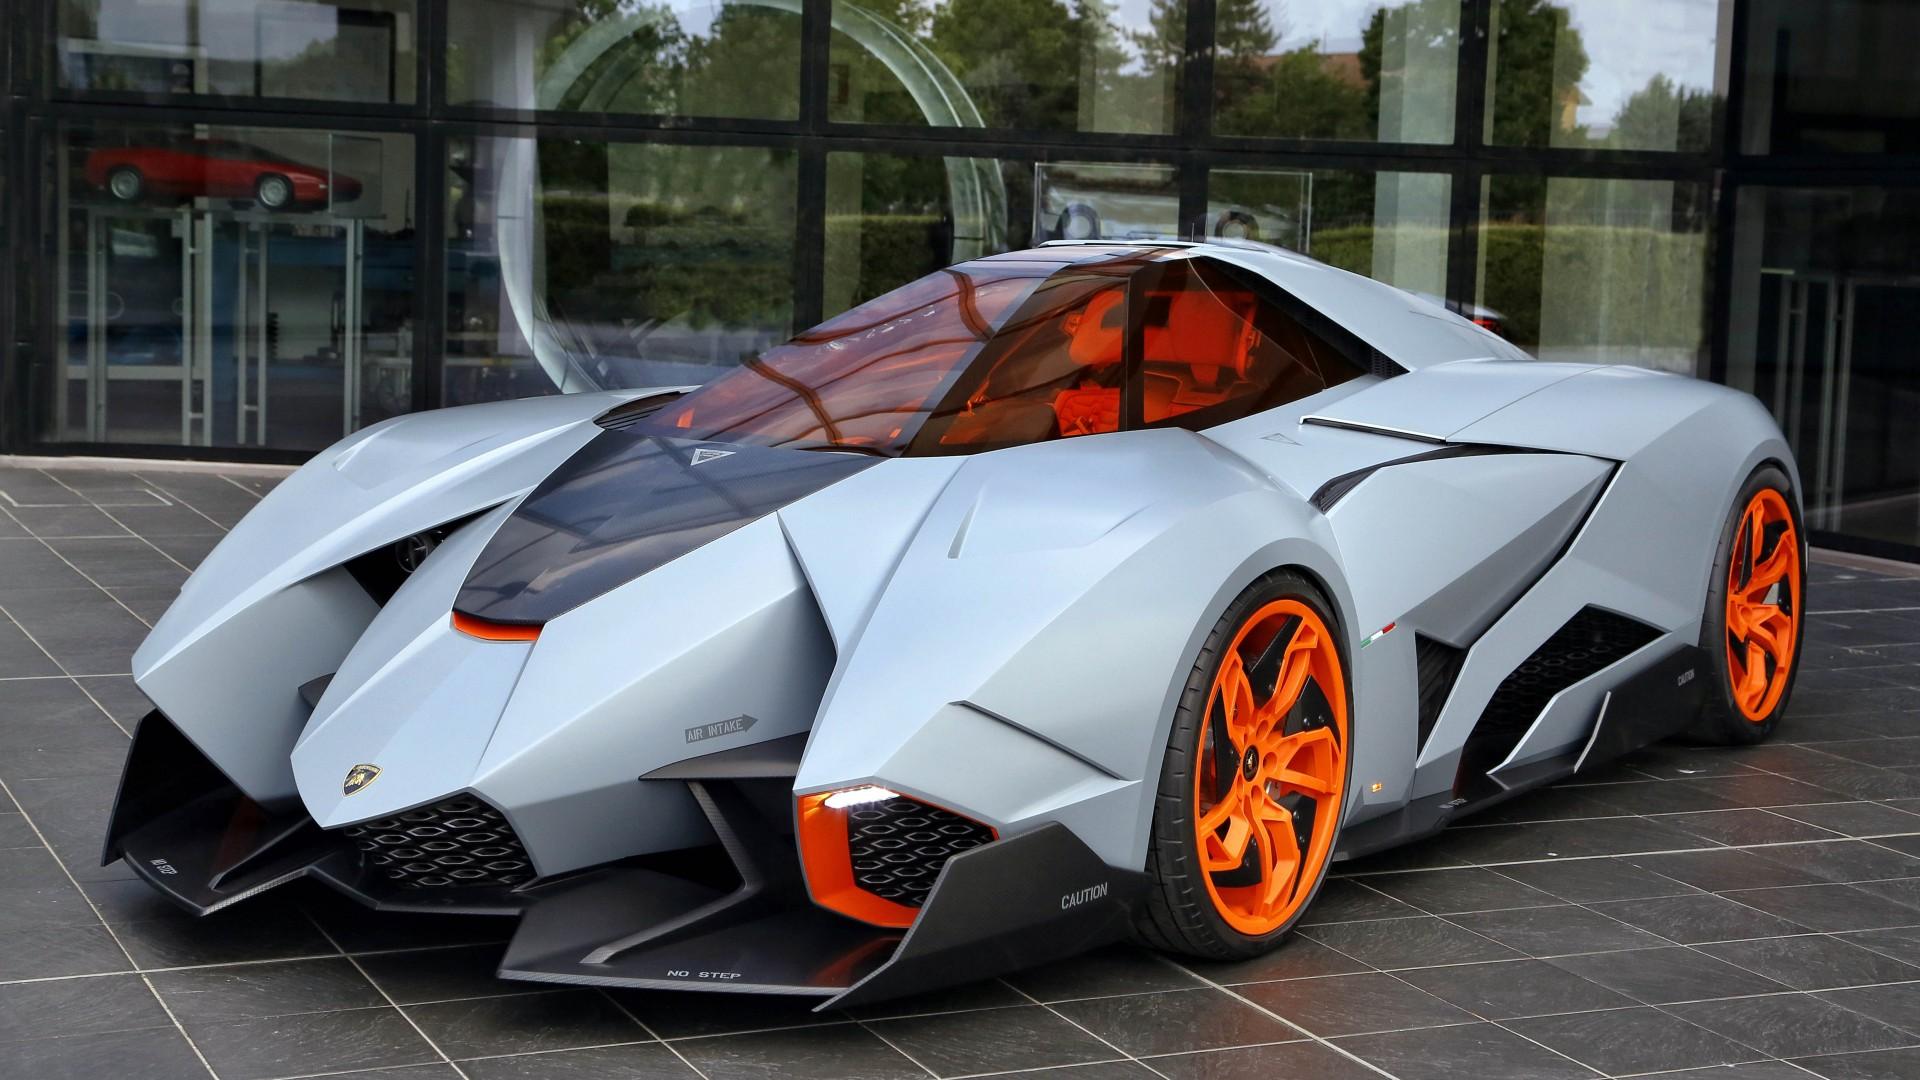 ctrl lamborghini egoista supercar concept lamborghini sports car speed - Sports Cars Lamborghini 2015